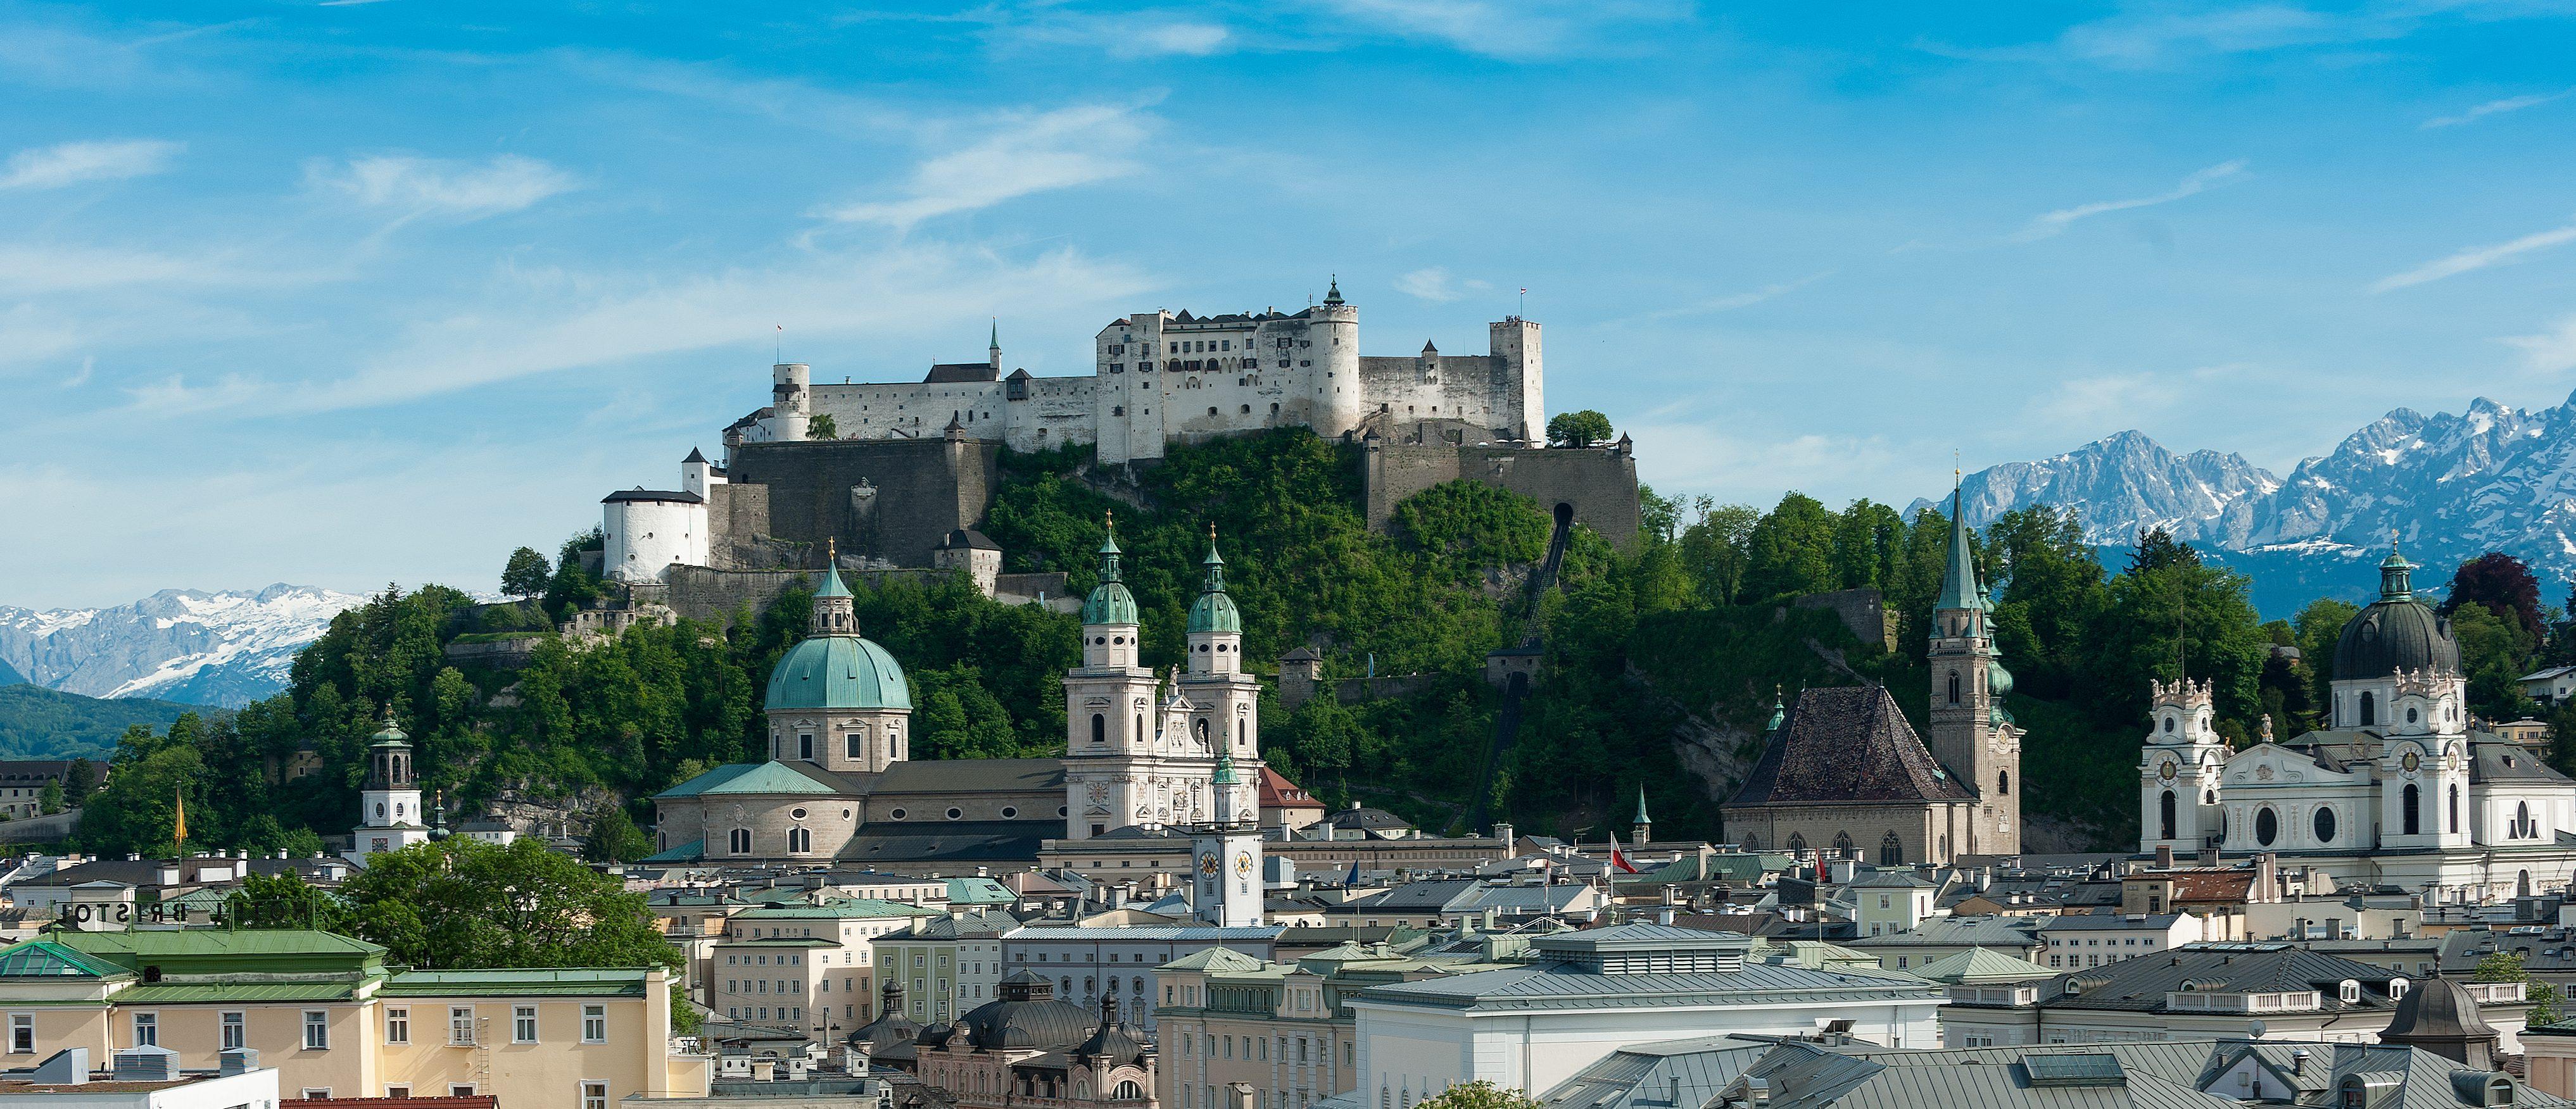 Blick über den Mirabellgarten auf die Altstadt Salzburg